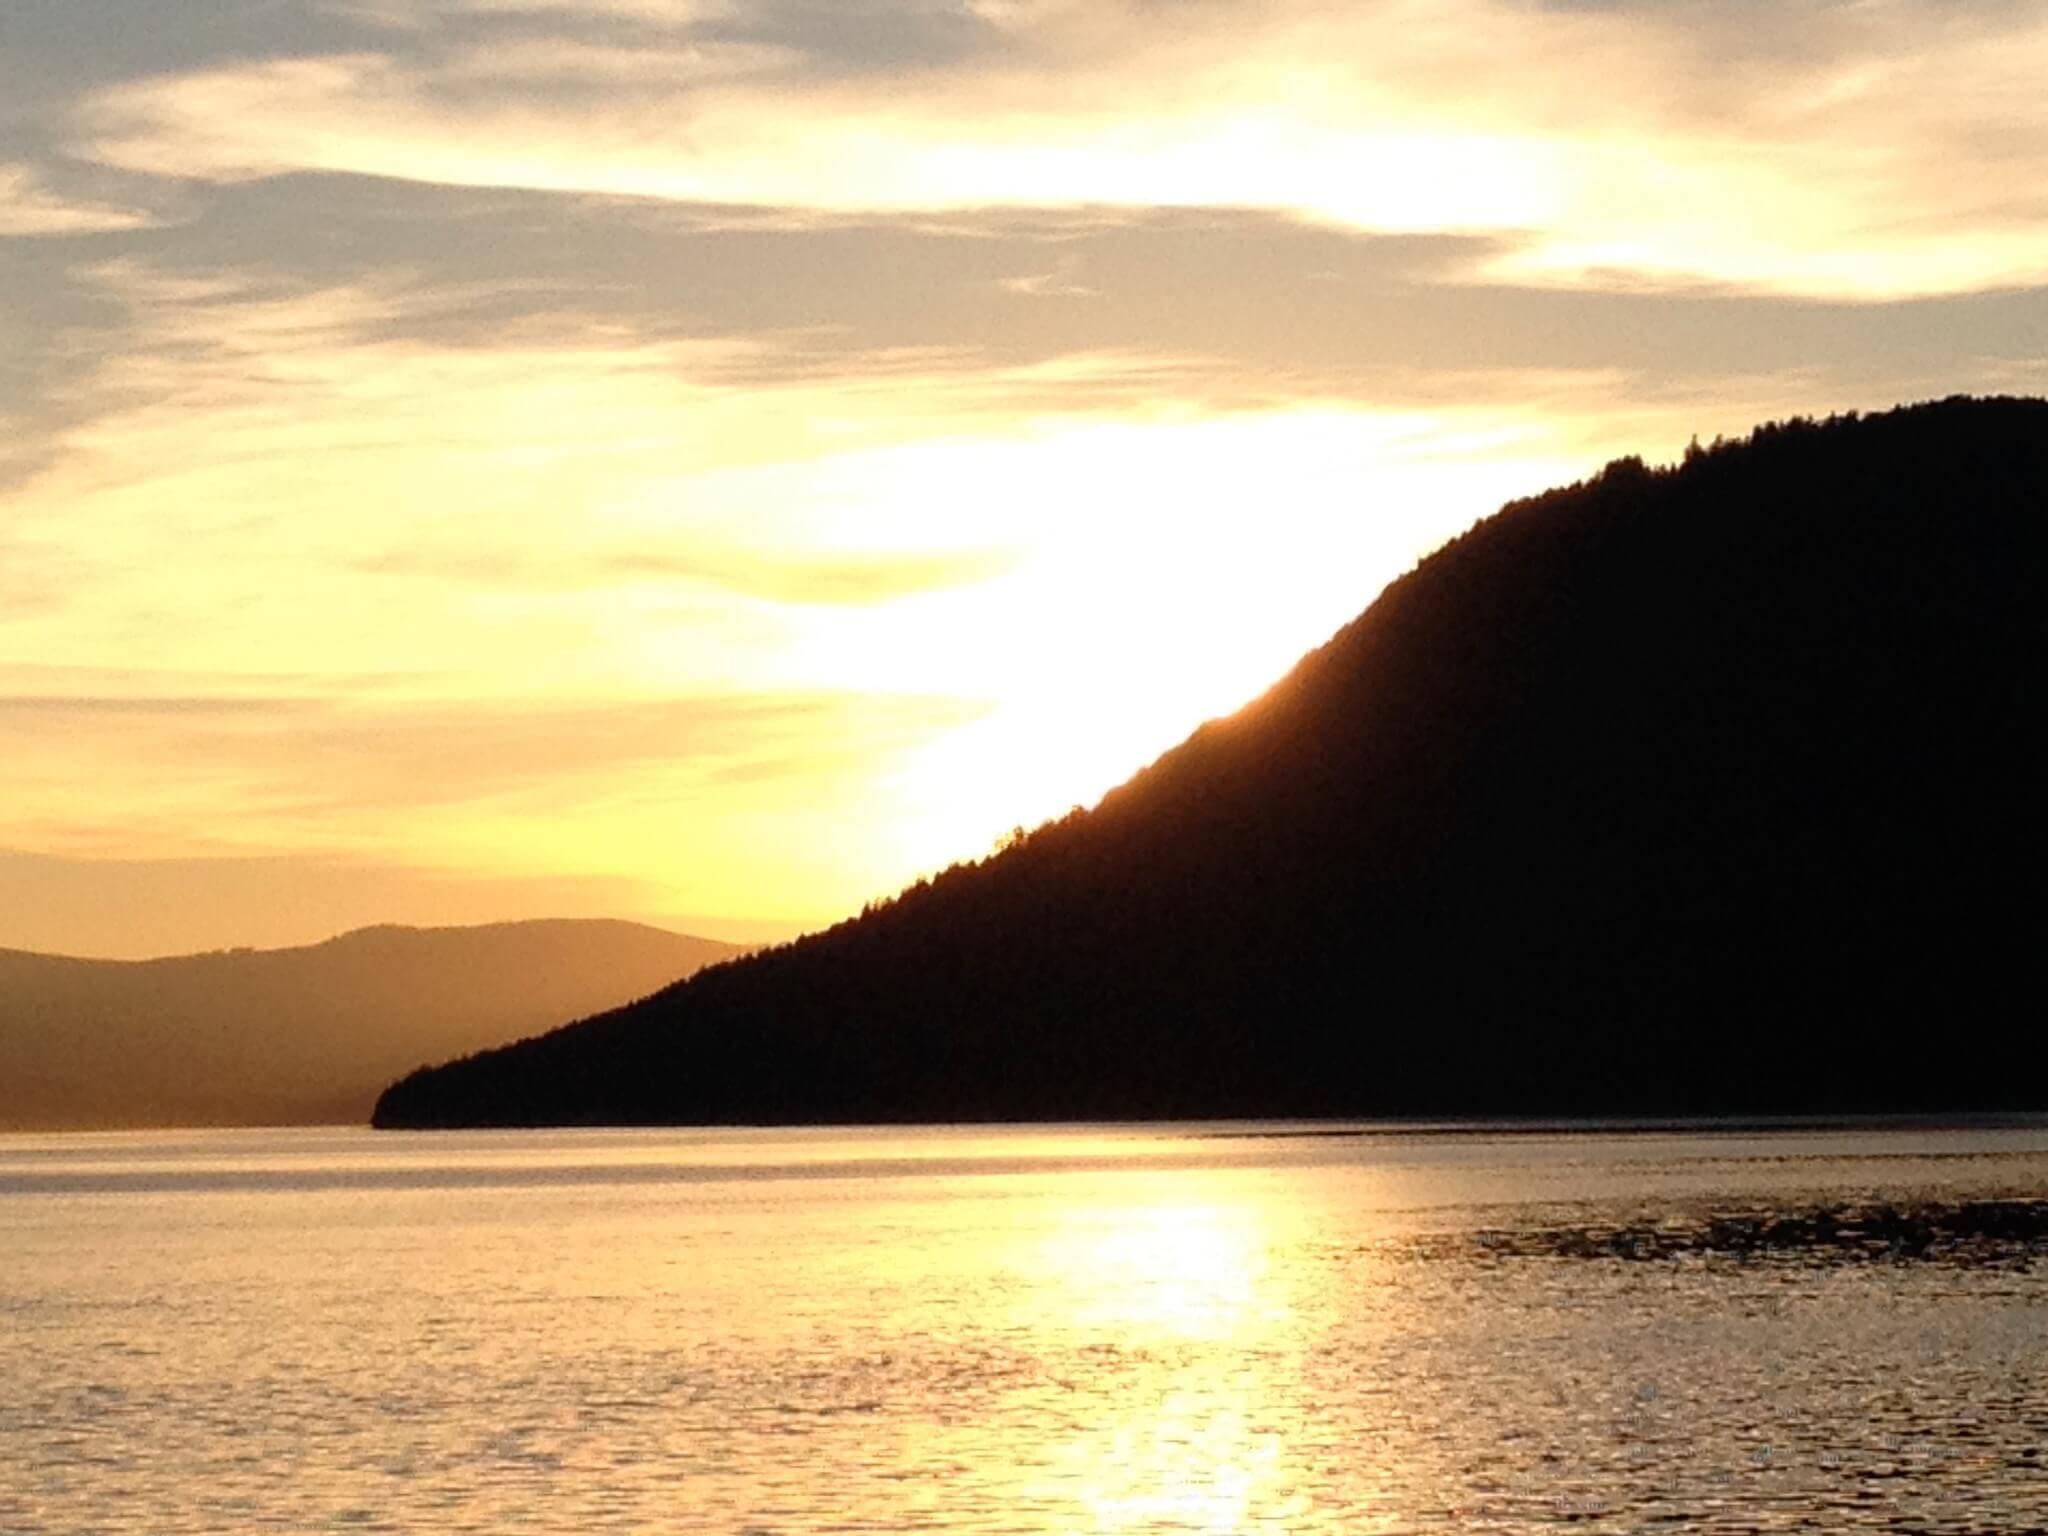 Salt Spring - Mount Tuam - Sunset